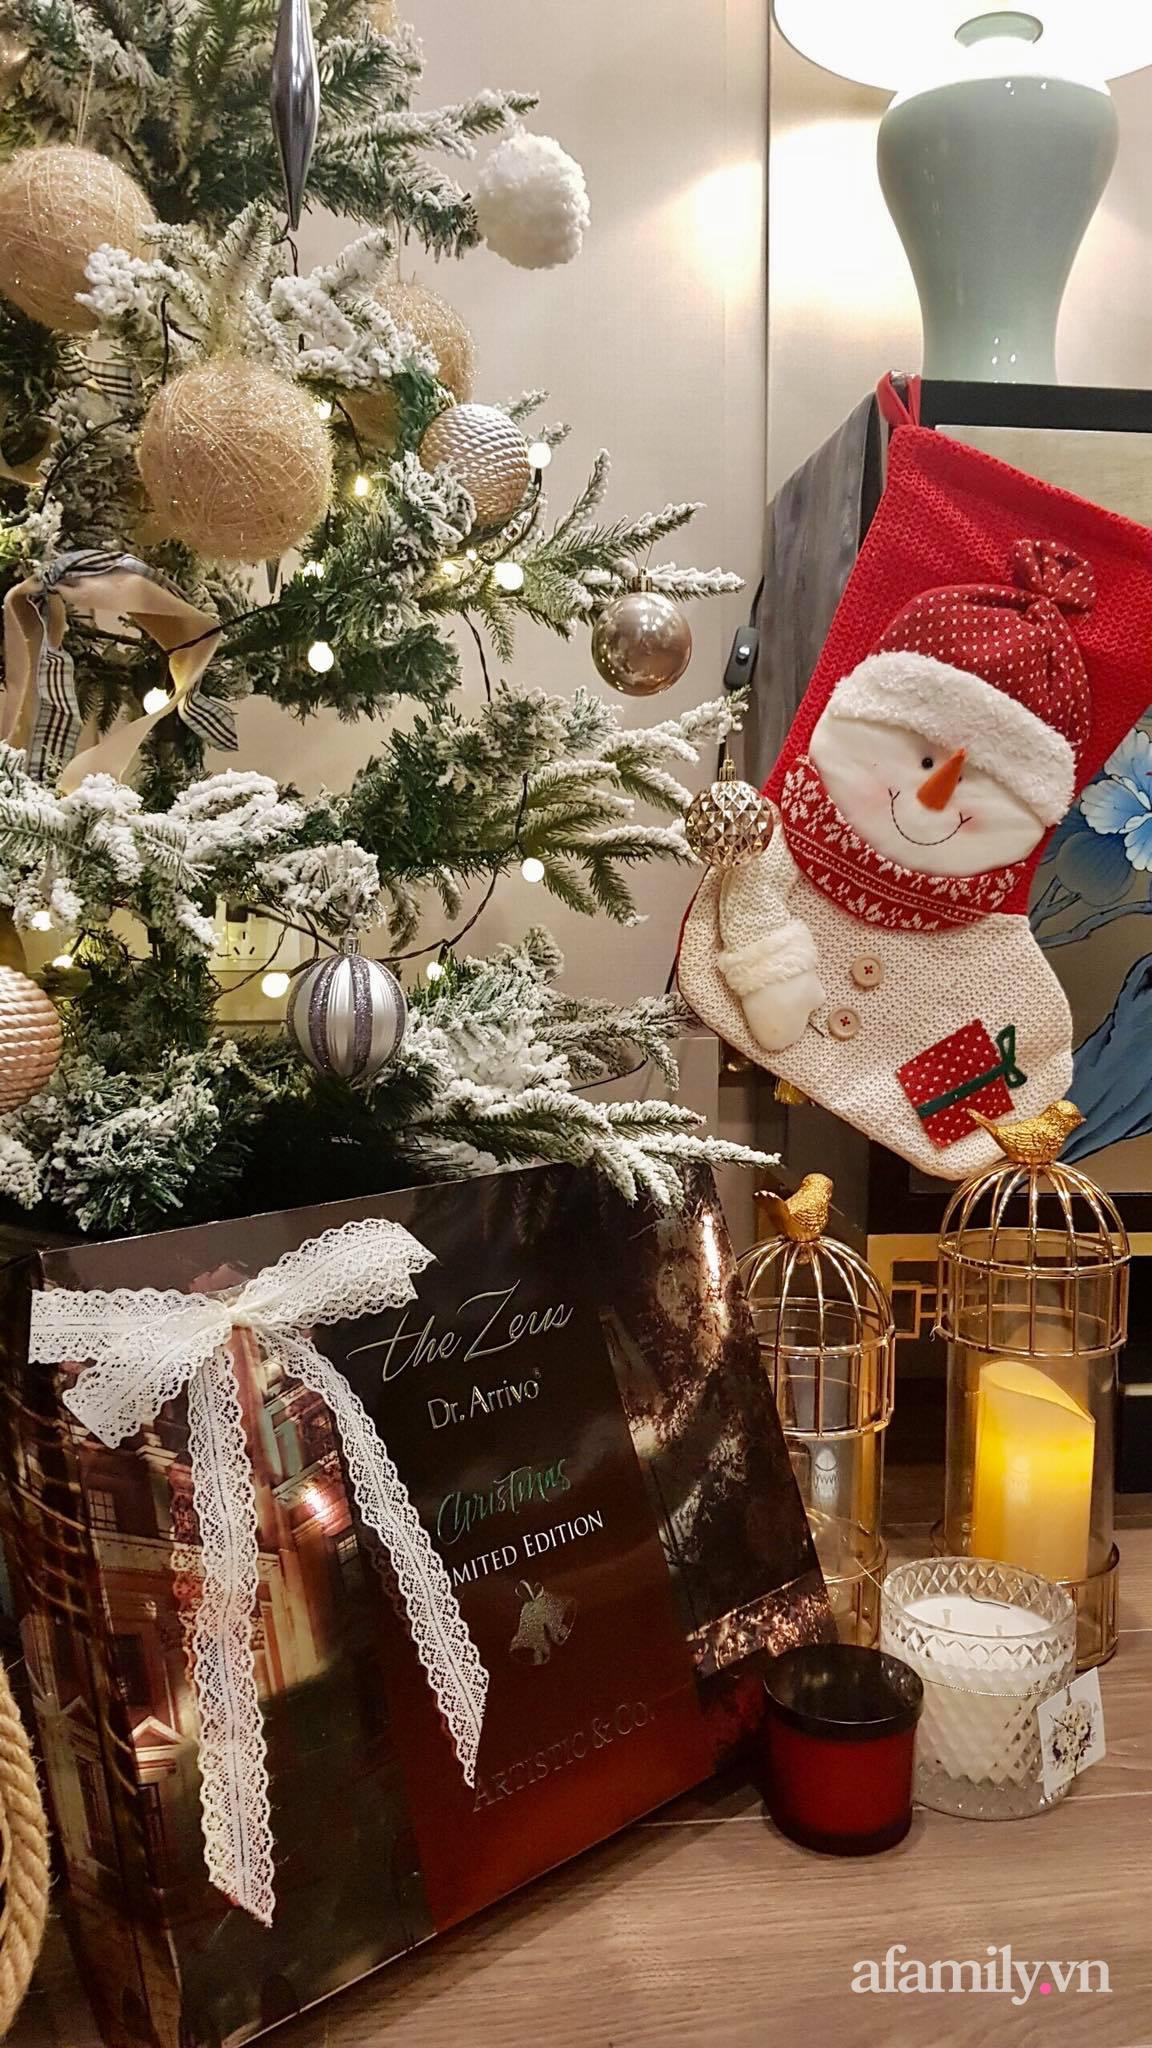 """Căn hộ """"thắp sáng"""" những sắc màu giúp từng góc nhỏ thêm ấm cúng đón Giáng sinh ở Hà Nội - Ảnh 15."""